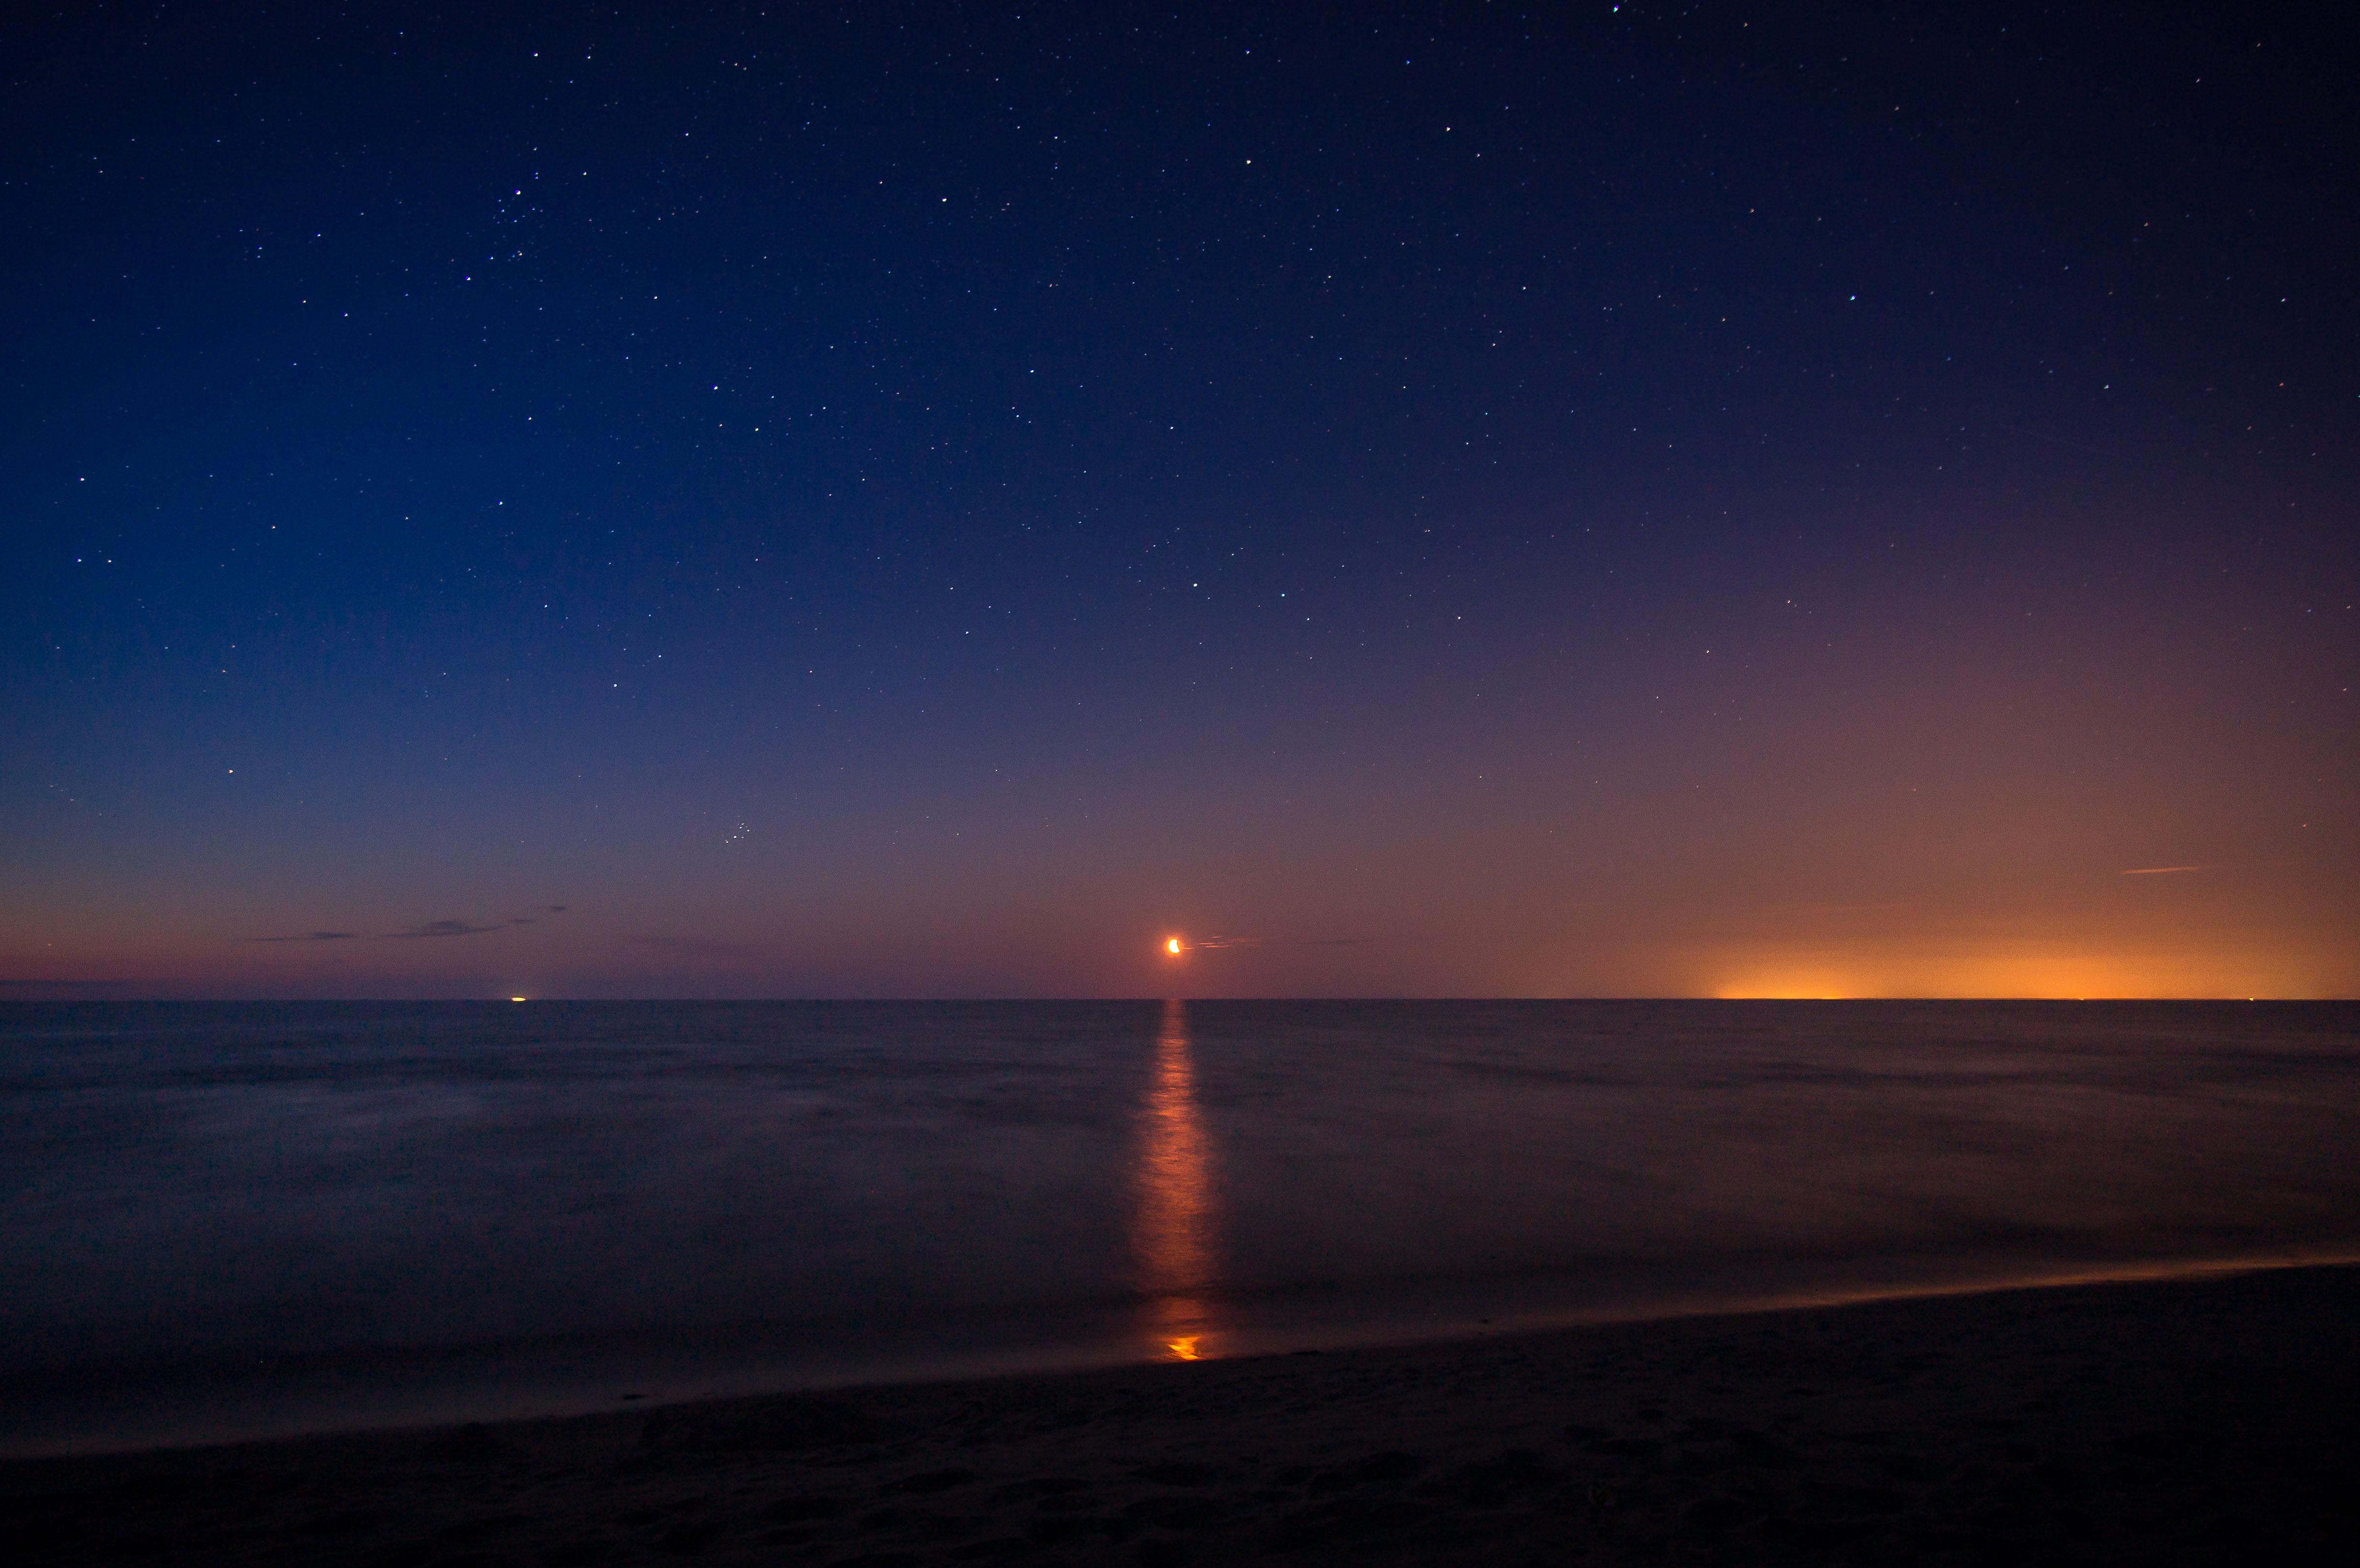 Mēnesslēkts un piena ceļš Ķesterciema jūrmalā